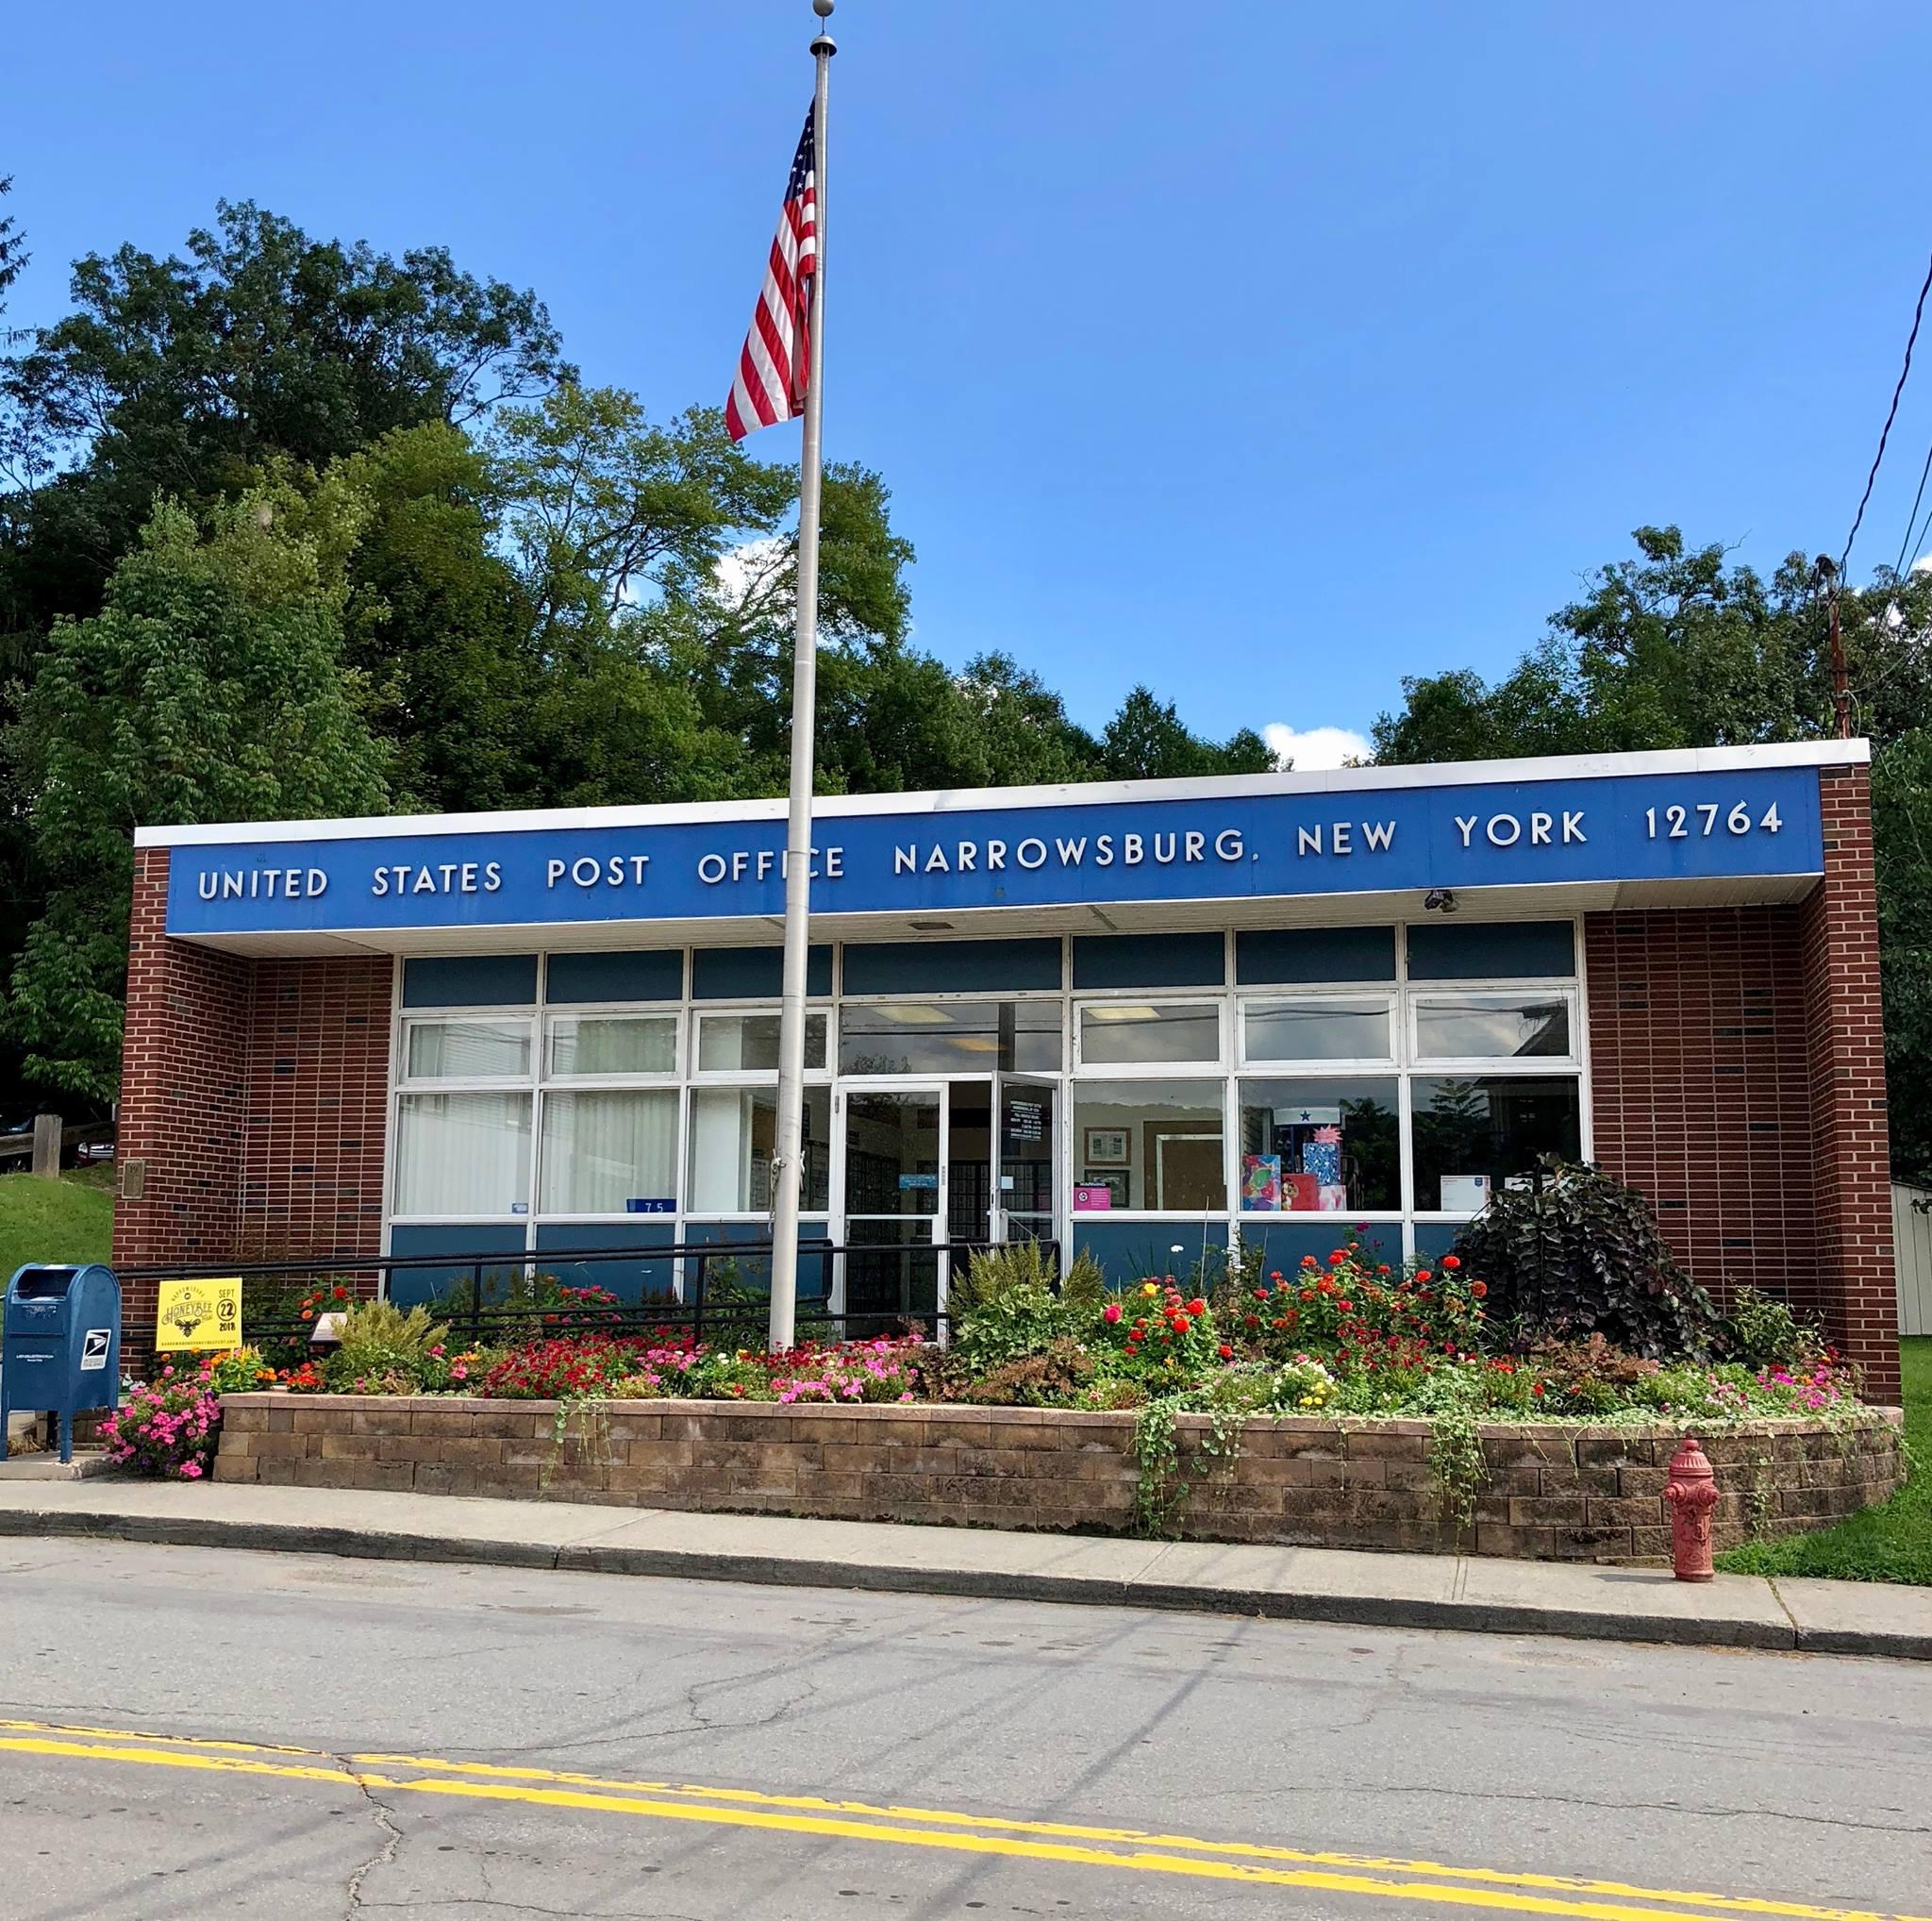 Narrowsburg Post Office.jpg